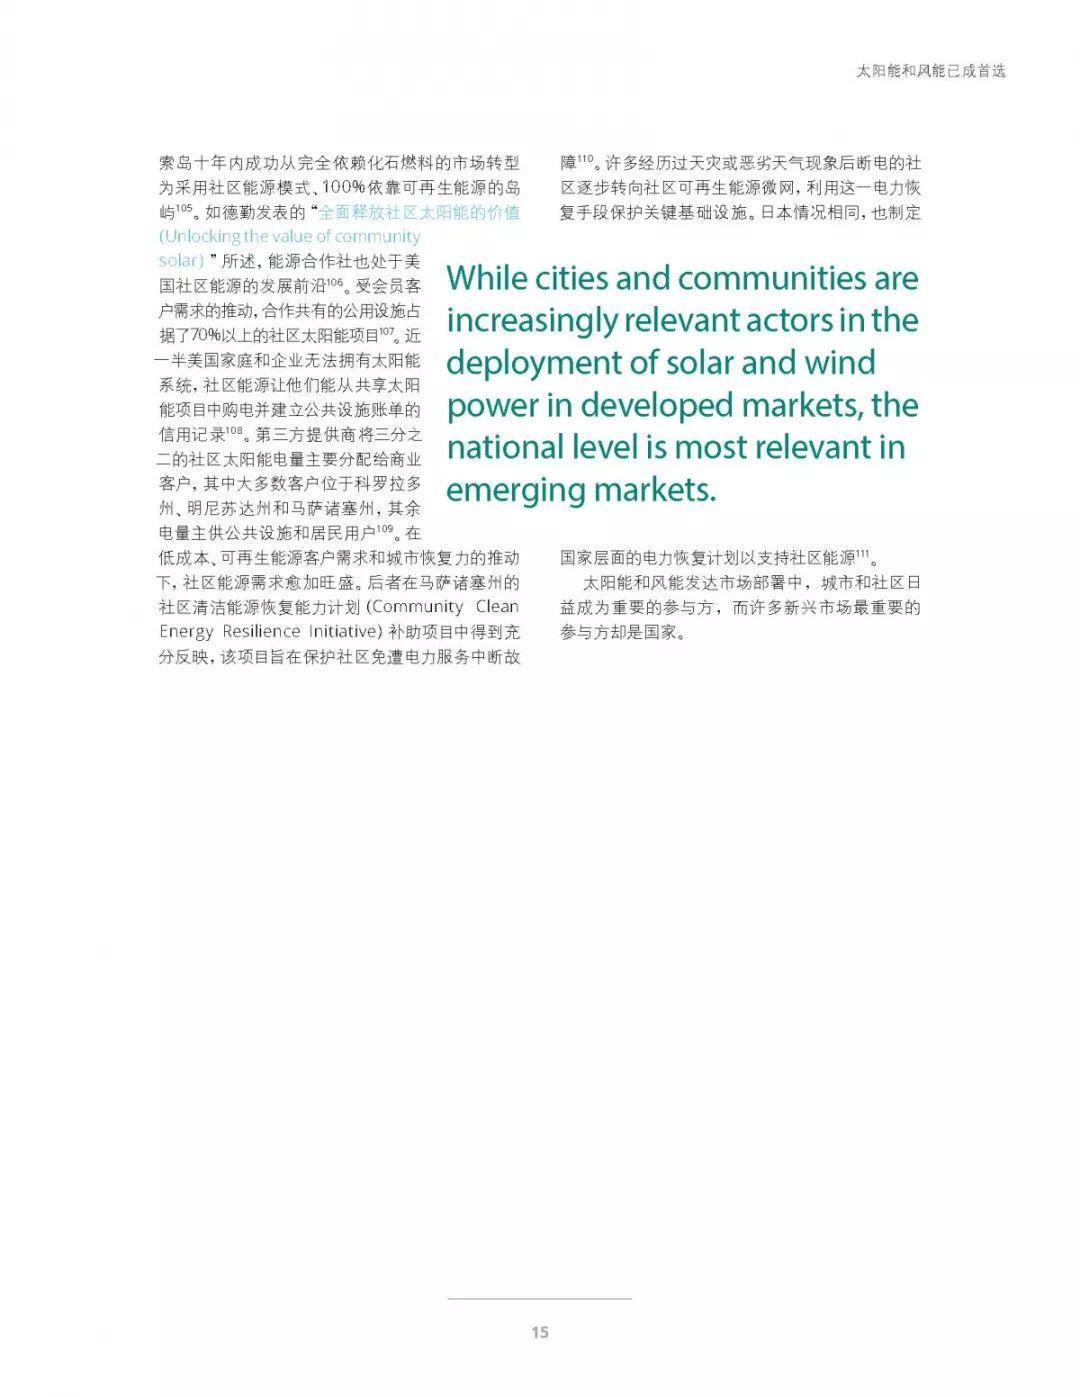 德勤:《全球可再生能源趋势》,太阳能和风电已成首选